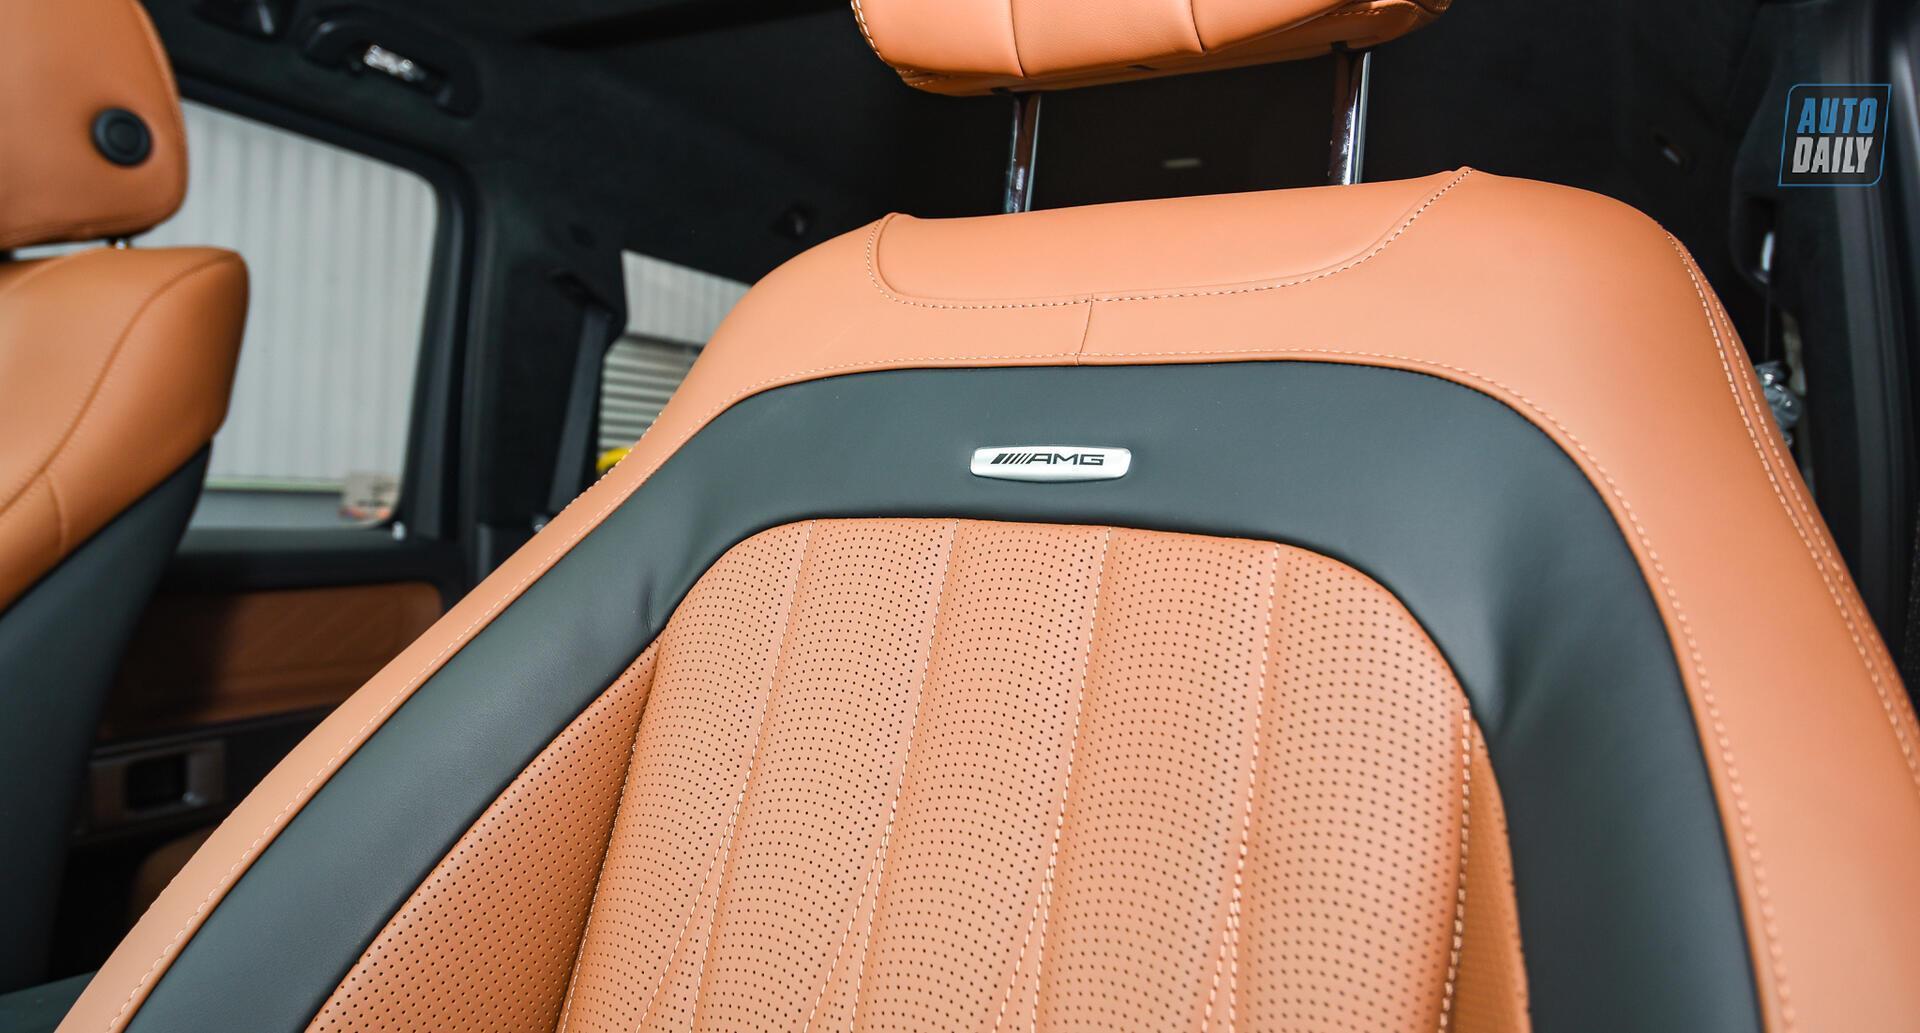 Ảnh chi tiết Mercedes G63 AMG 2021 bản cá nhân hoá giá khoảng 12 tỷ [18]